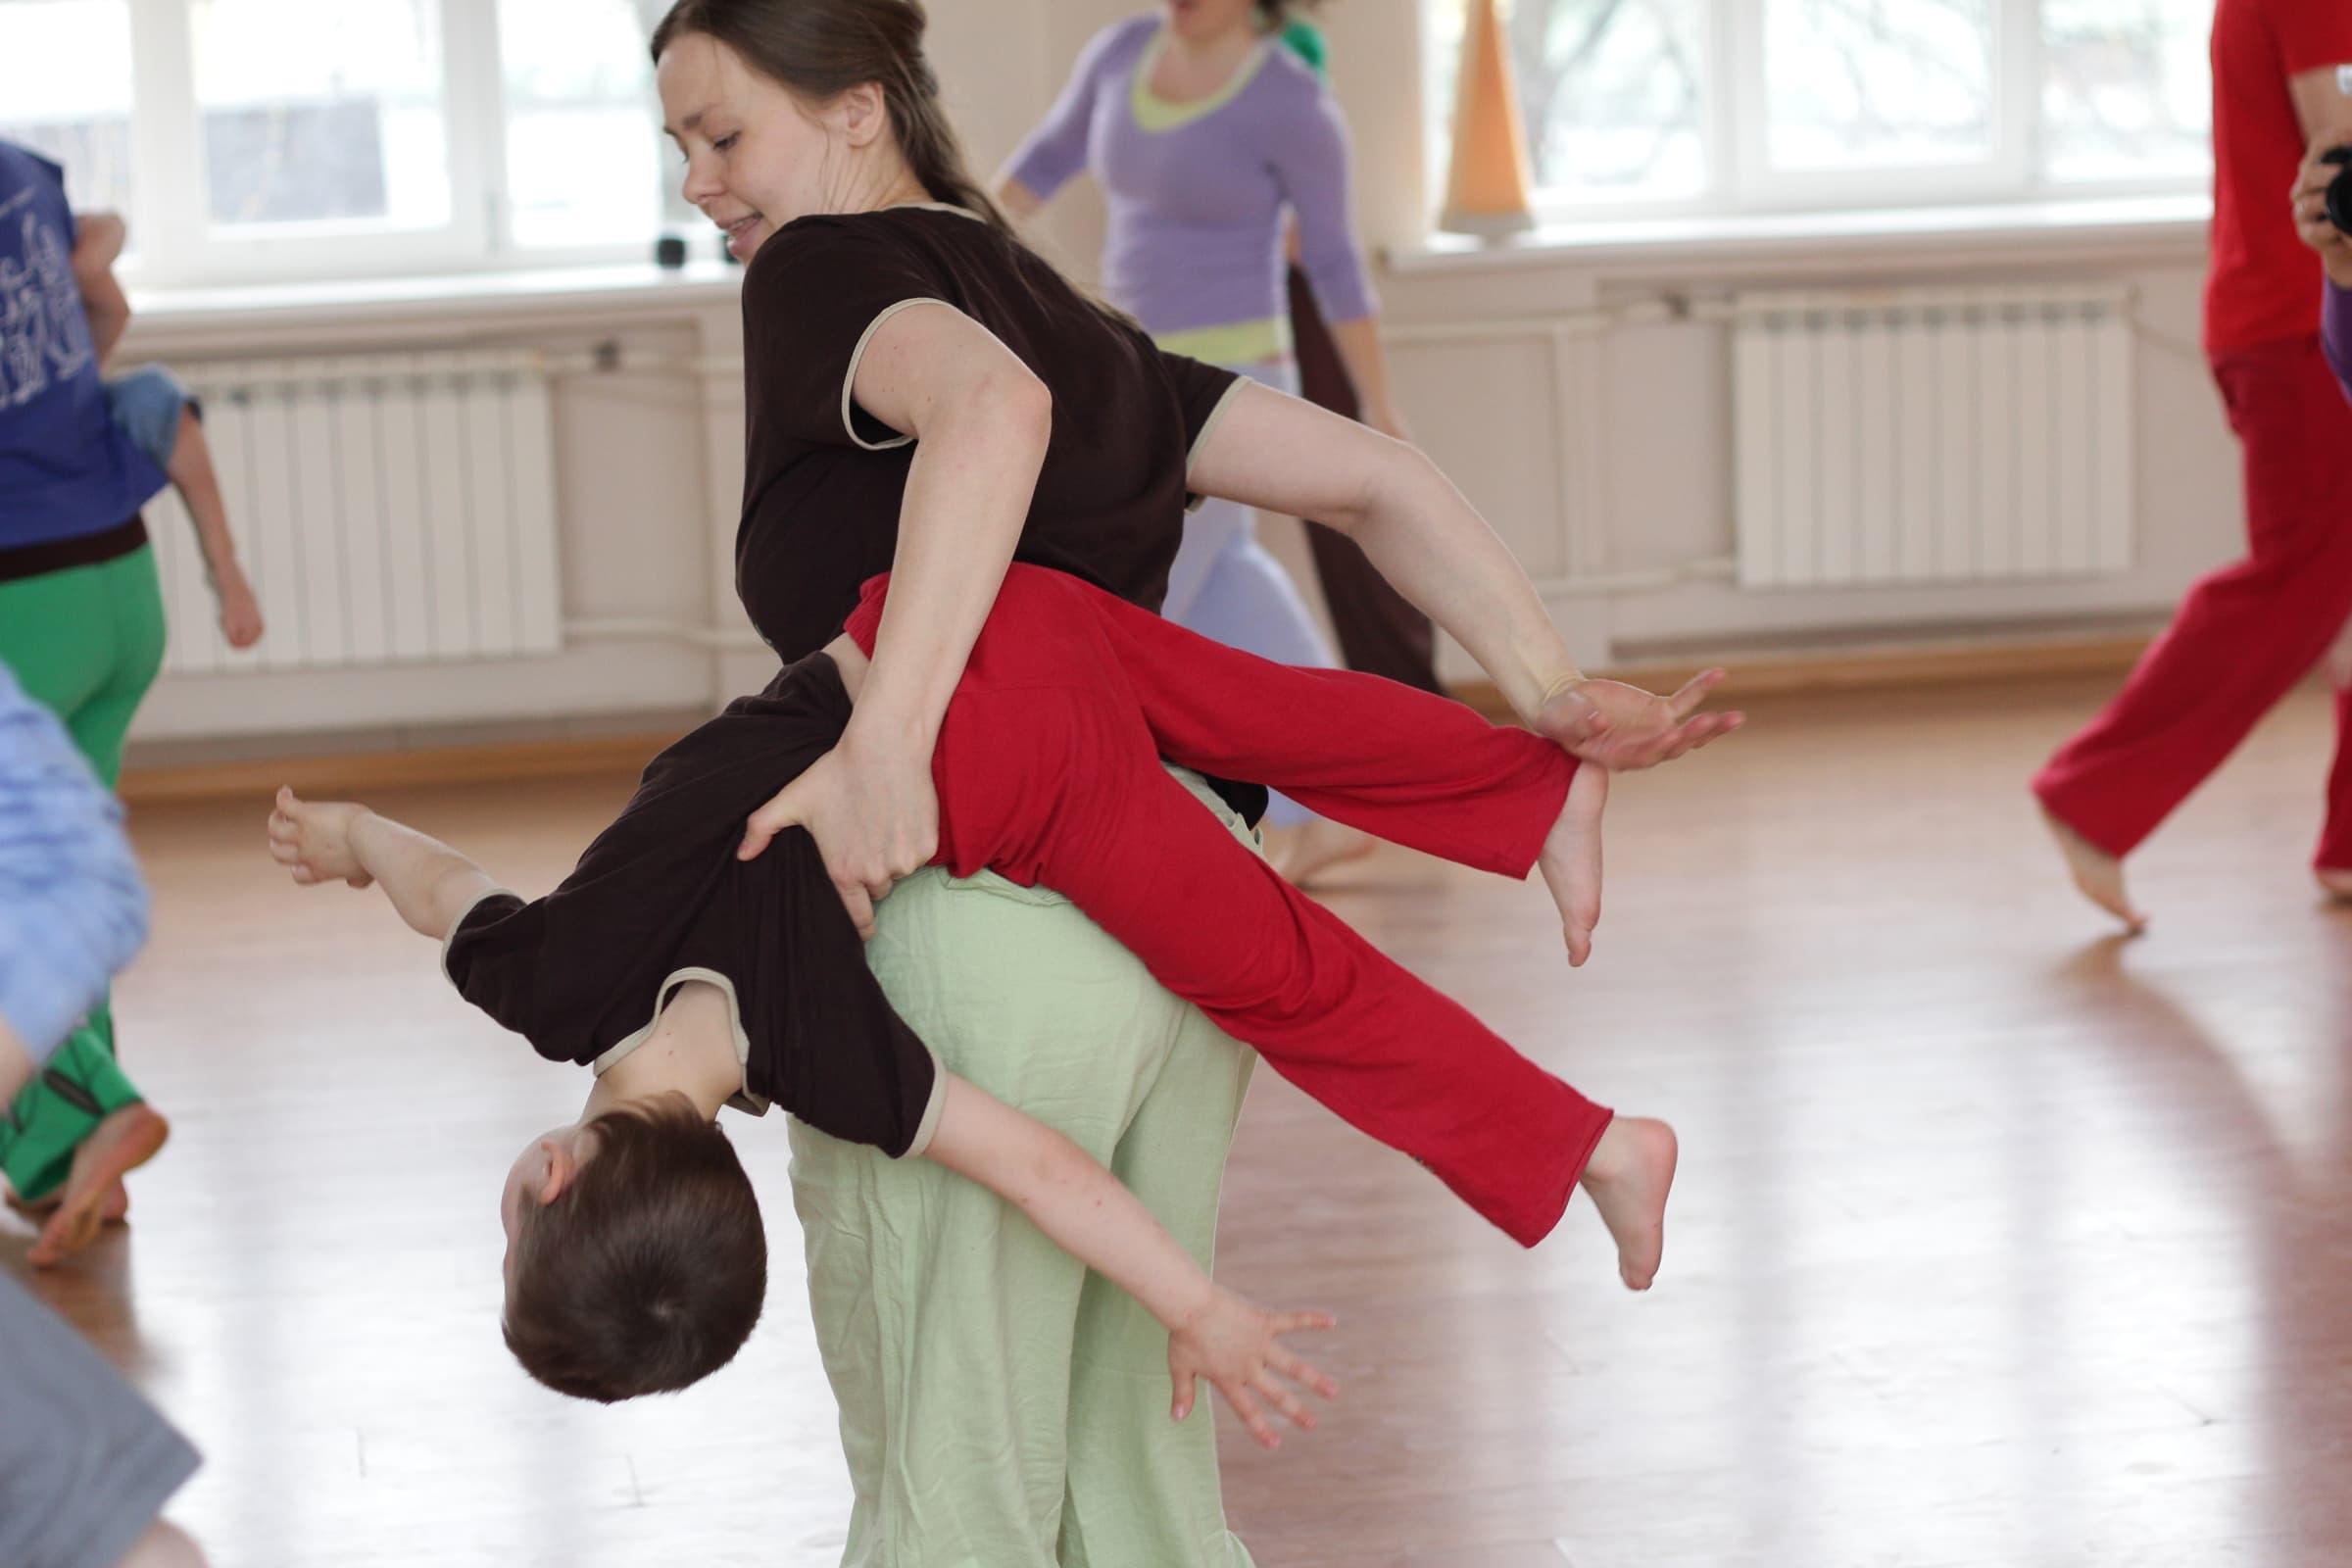 Contakids Dresden - Ein Bisschen Bewegung, Tanz, Akrobatik Und Mehr - Das Ziel: Vertrauen Zwischen Eltern Und Kleinkind Fördern